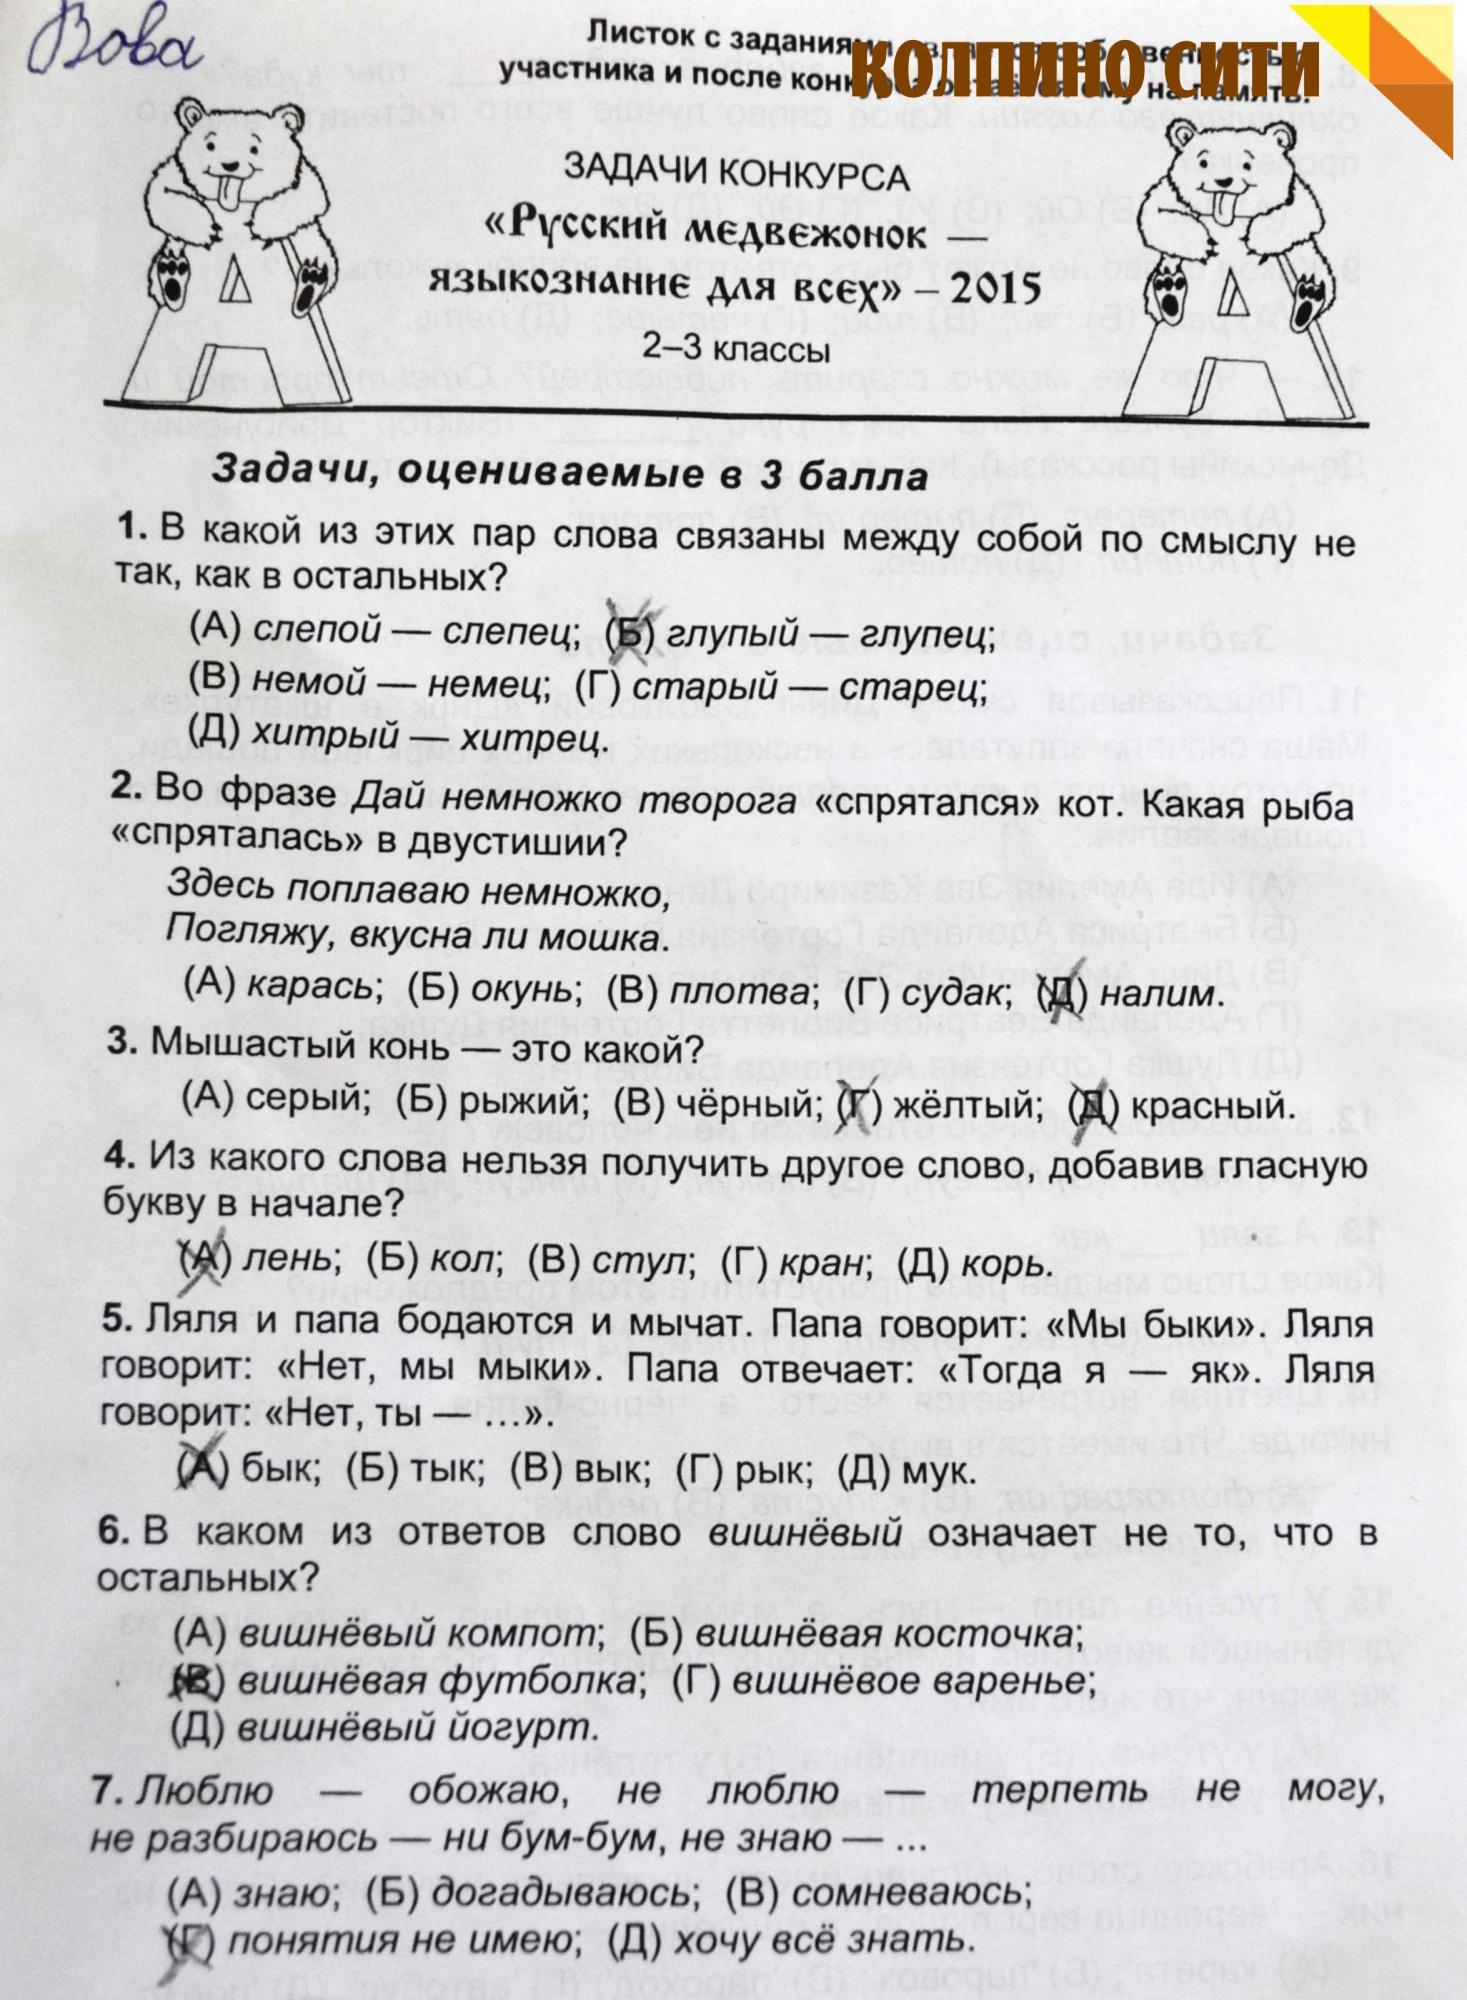 гдз русский медвежонок 2019